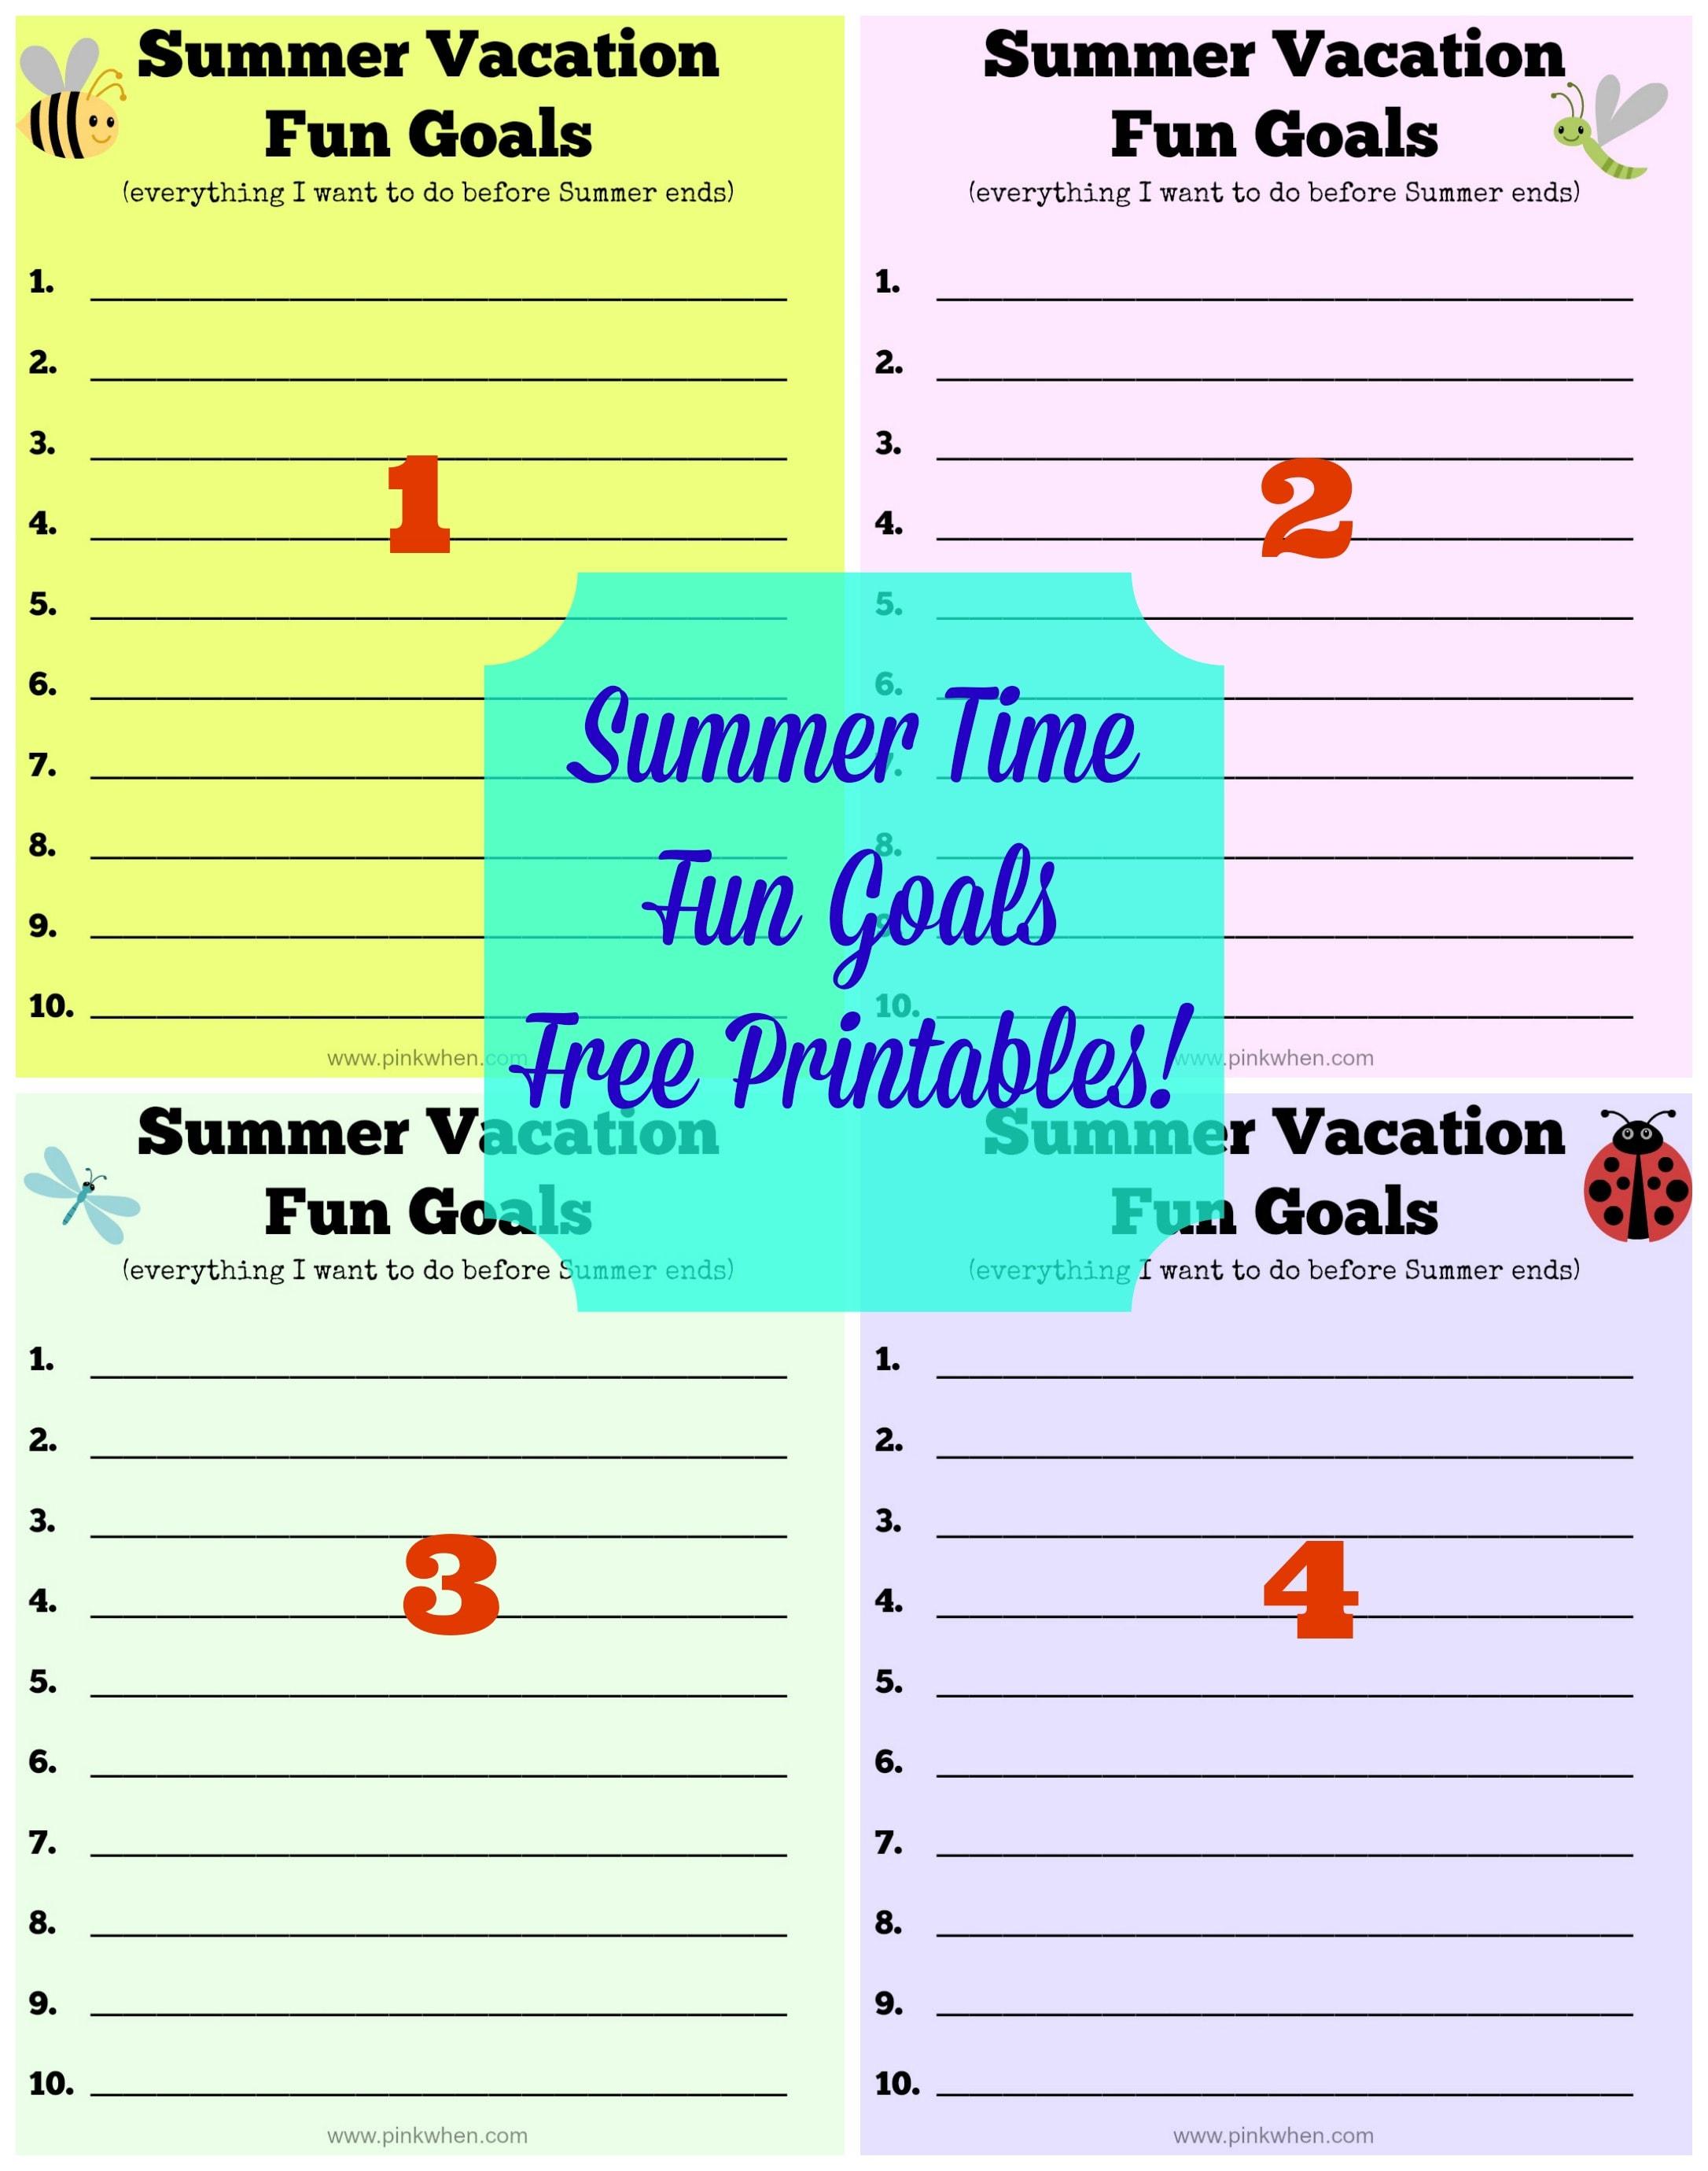 Summer Vacation Fun Goals